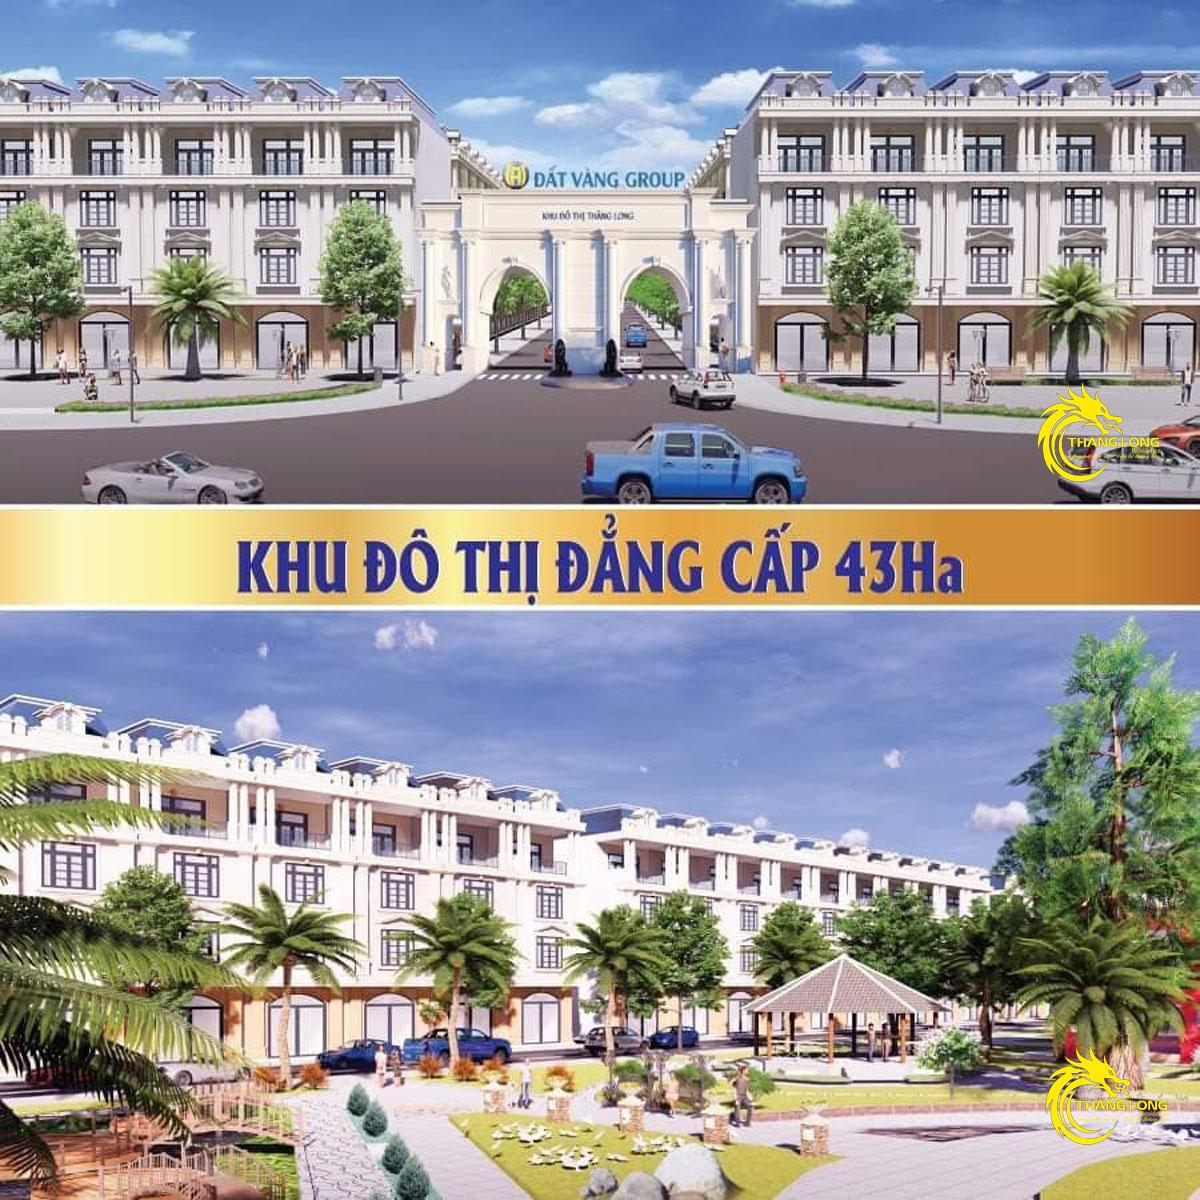 phoi canh nha pho khu dan cu thang long residence binh duong - DỰ ÁN KHU DÂN CƯ THĂNG LONG RESIDENCE BÌNH DƯƠNG